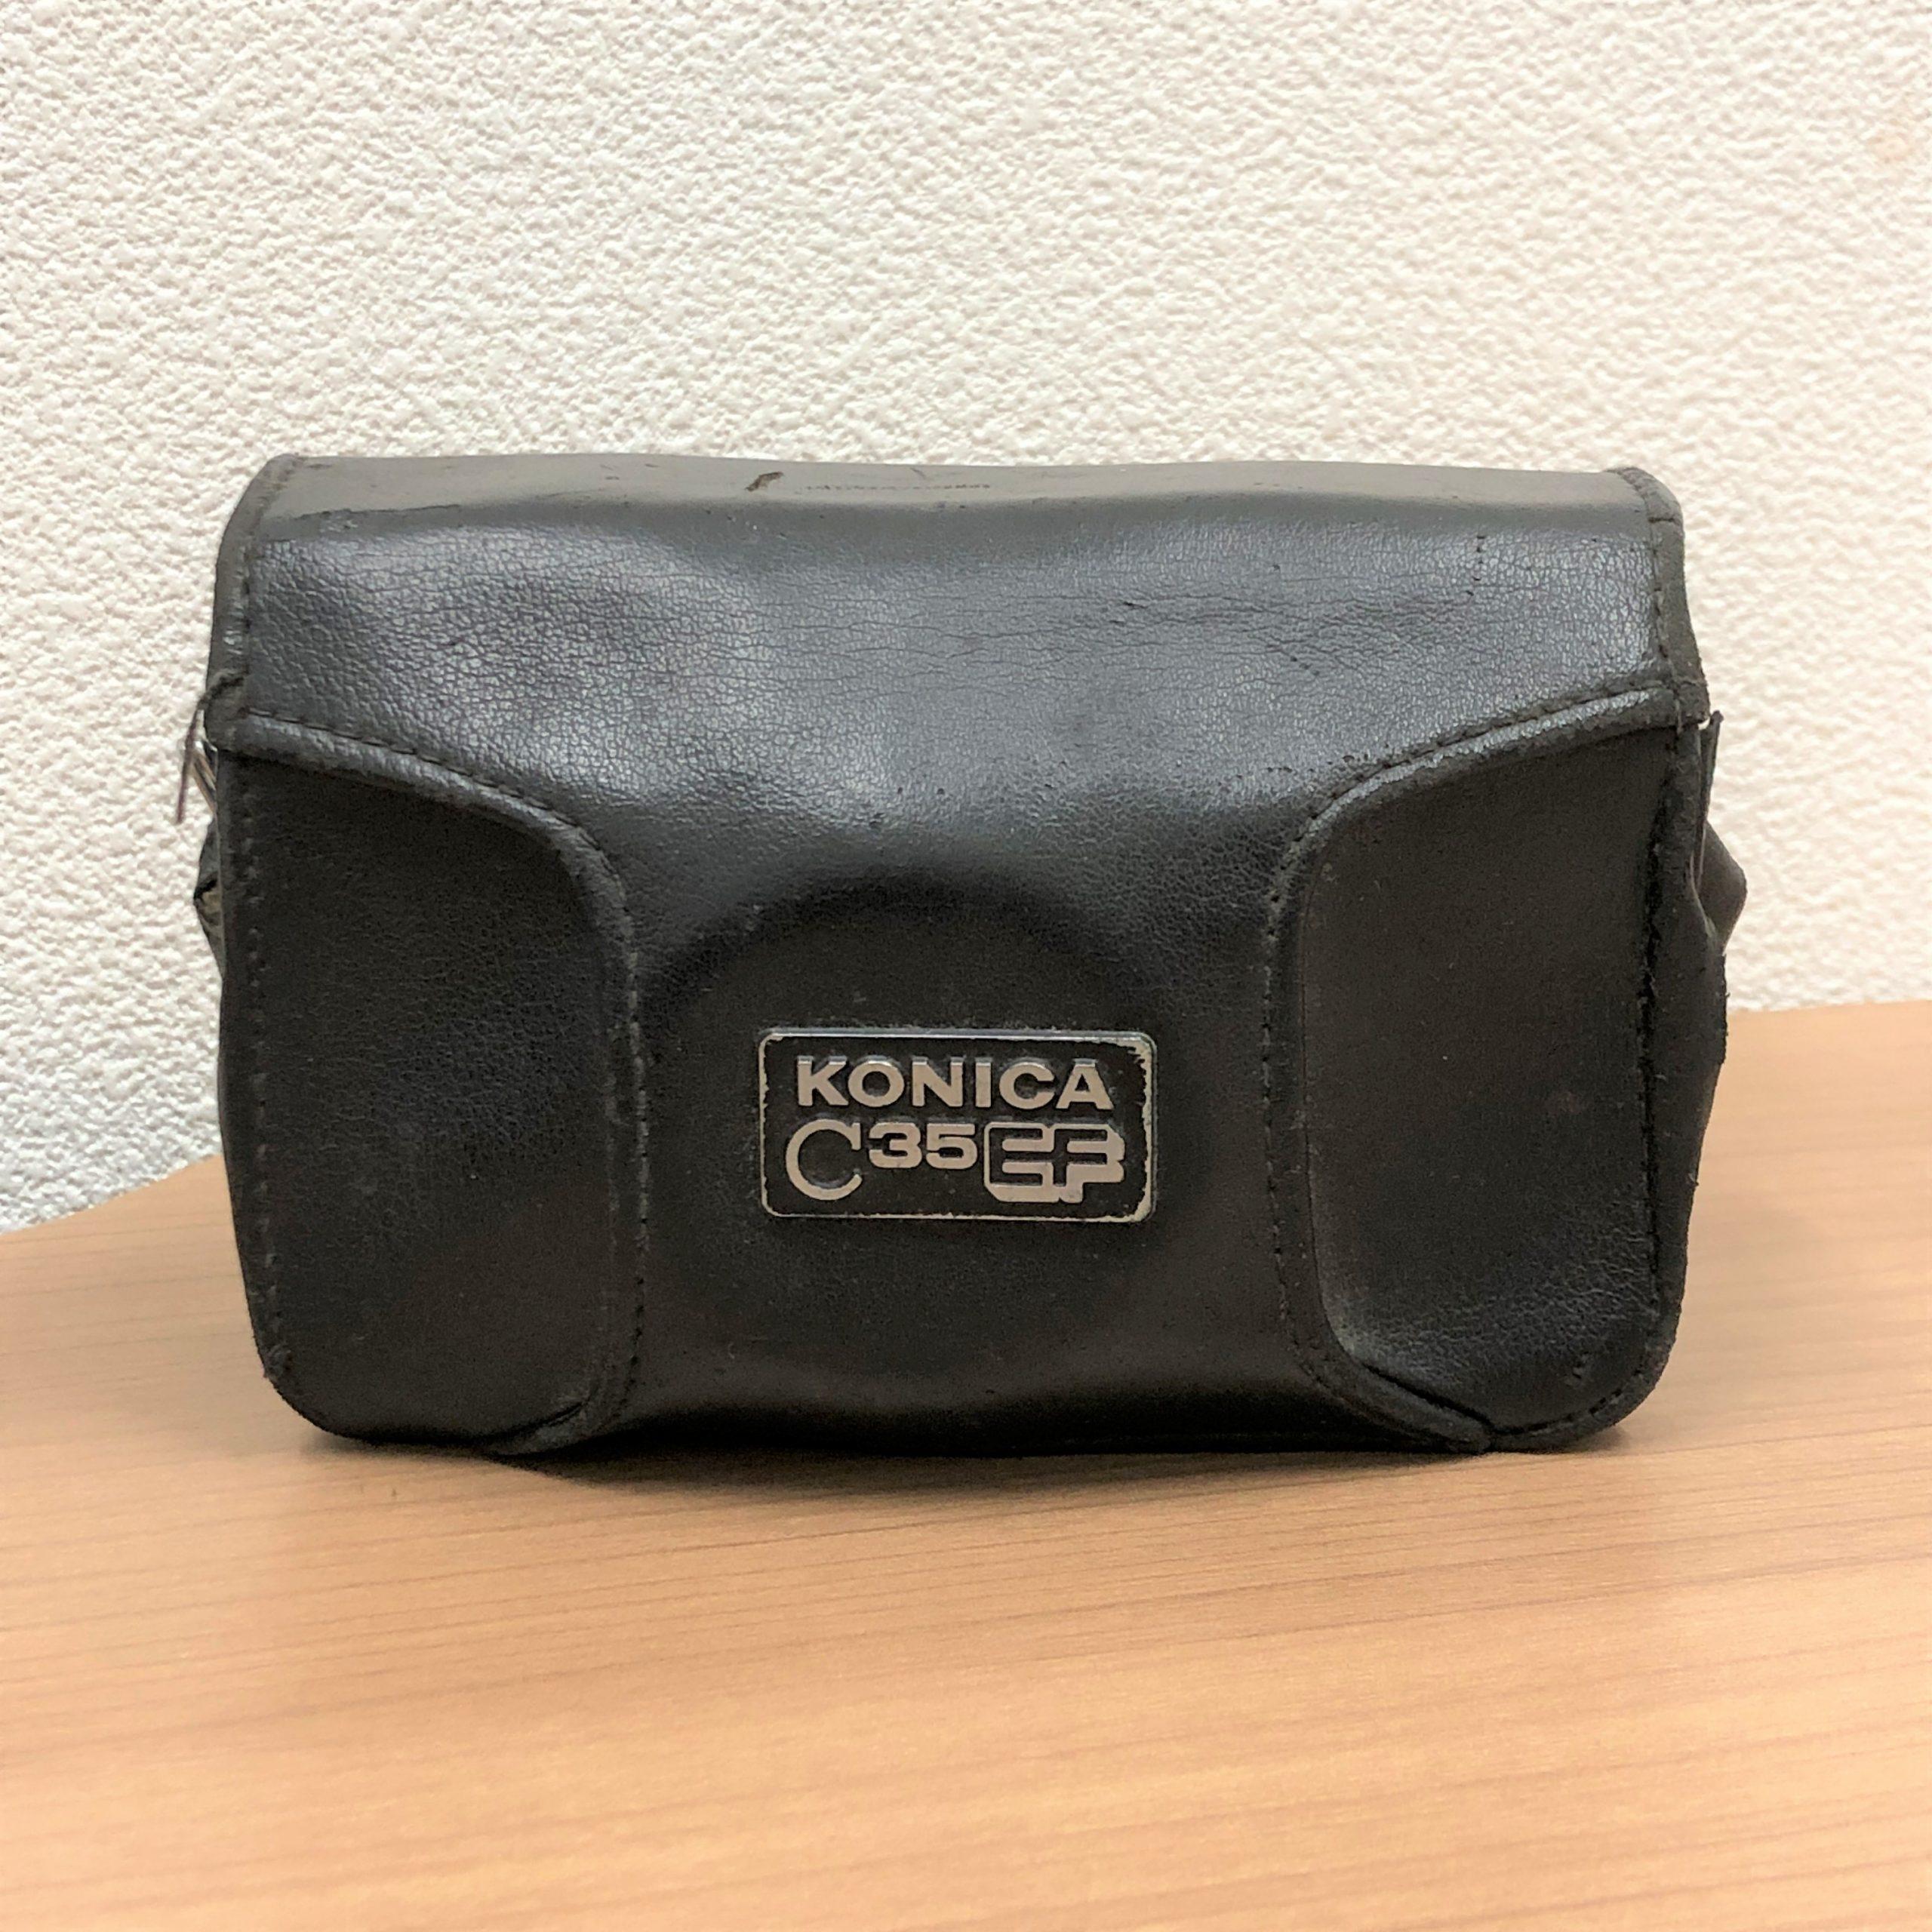 【コニカ】C35 カメラ